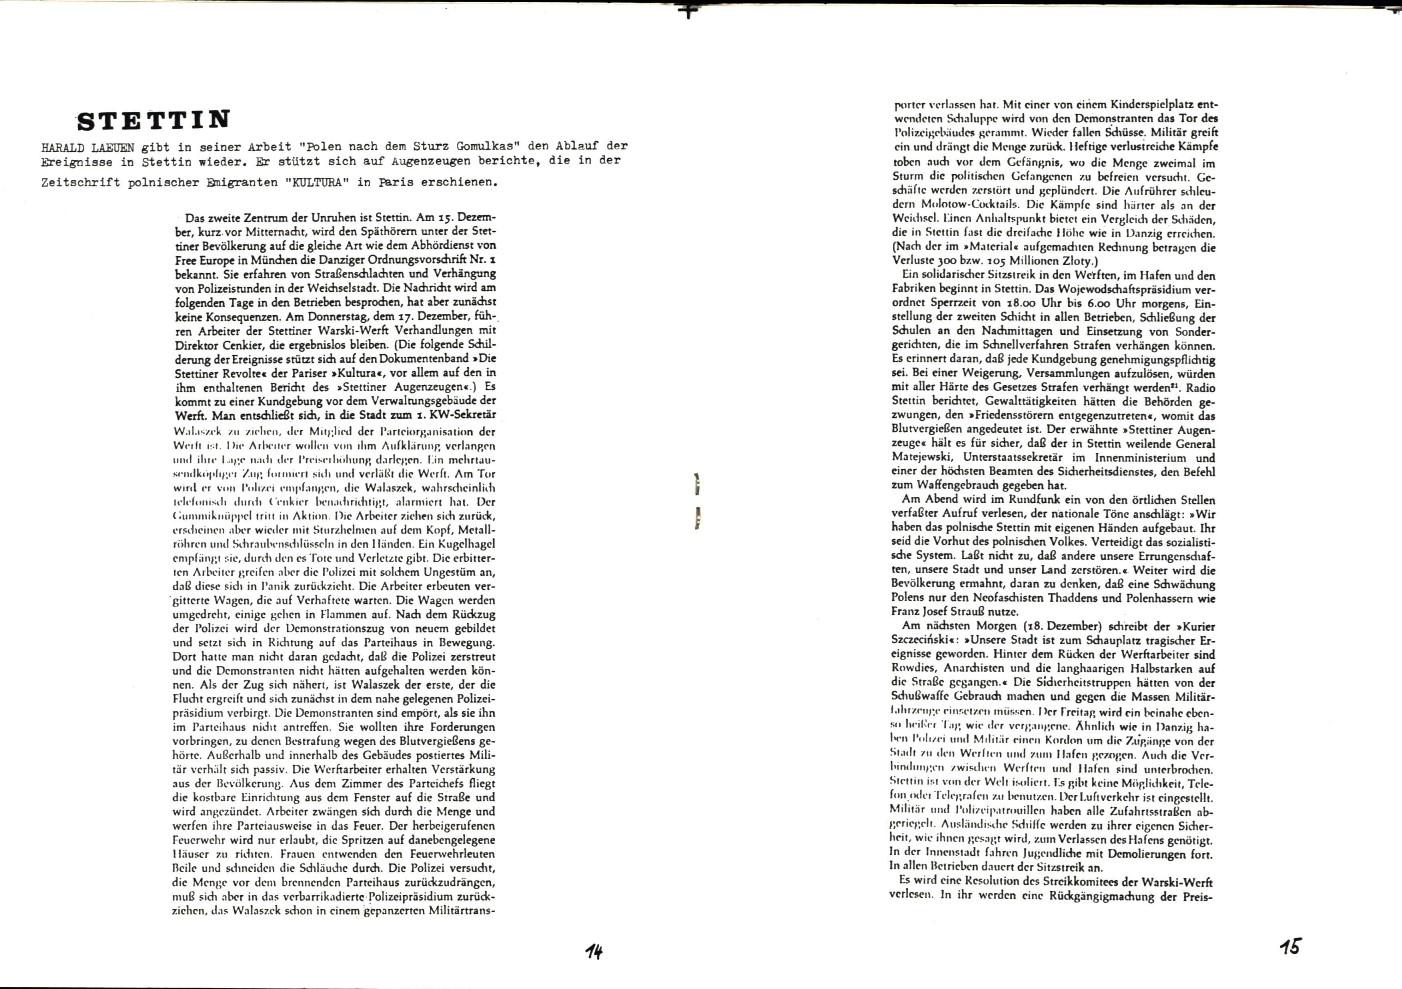 Berlin_KSV_1976_Arbeiteraufstand_in_Polen_09